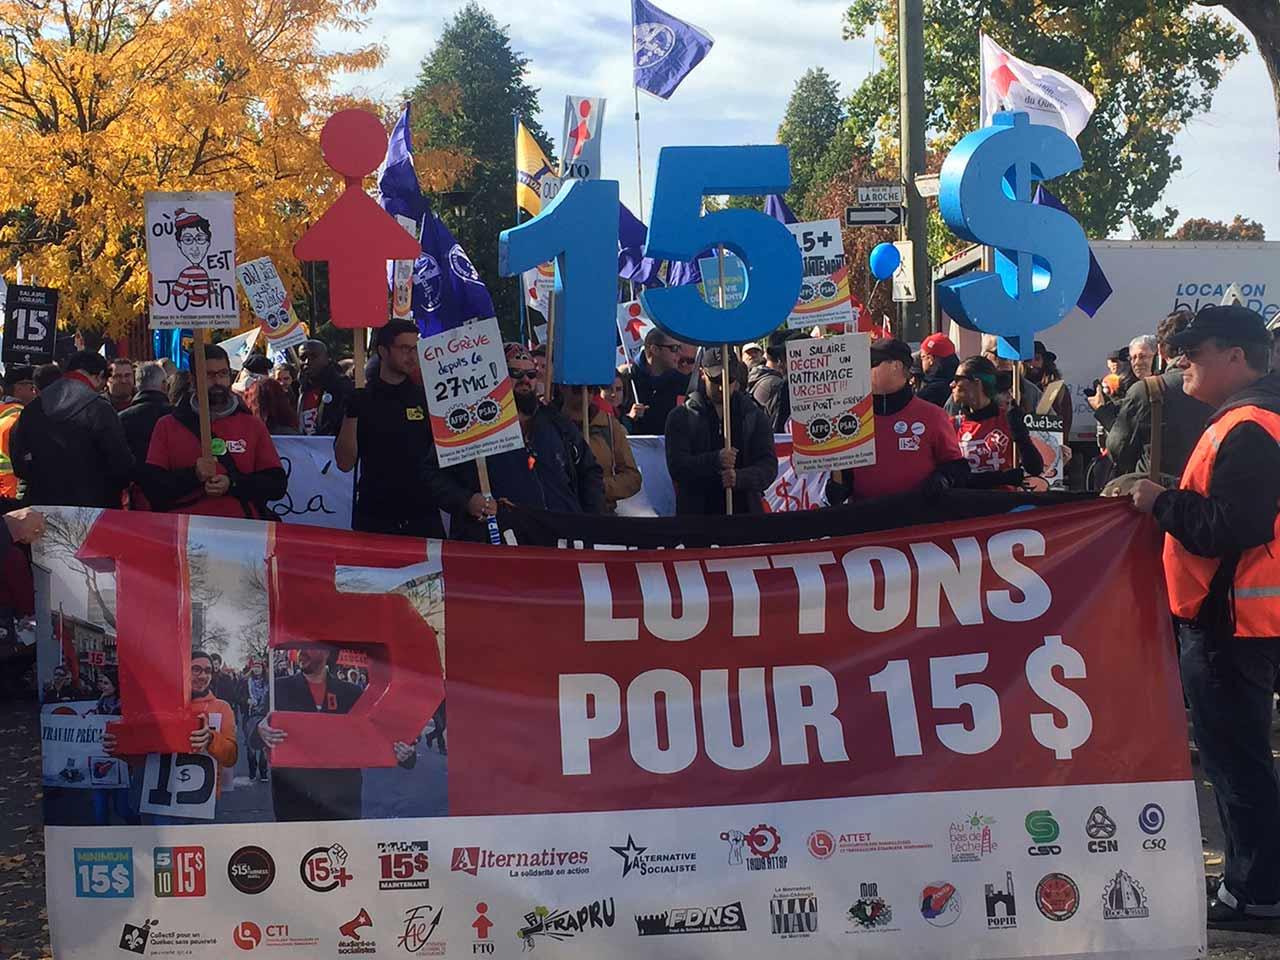 Des milliers de personnes dans la rue pour réclamer le salaire minimum à 15$ l'heure!